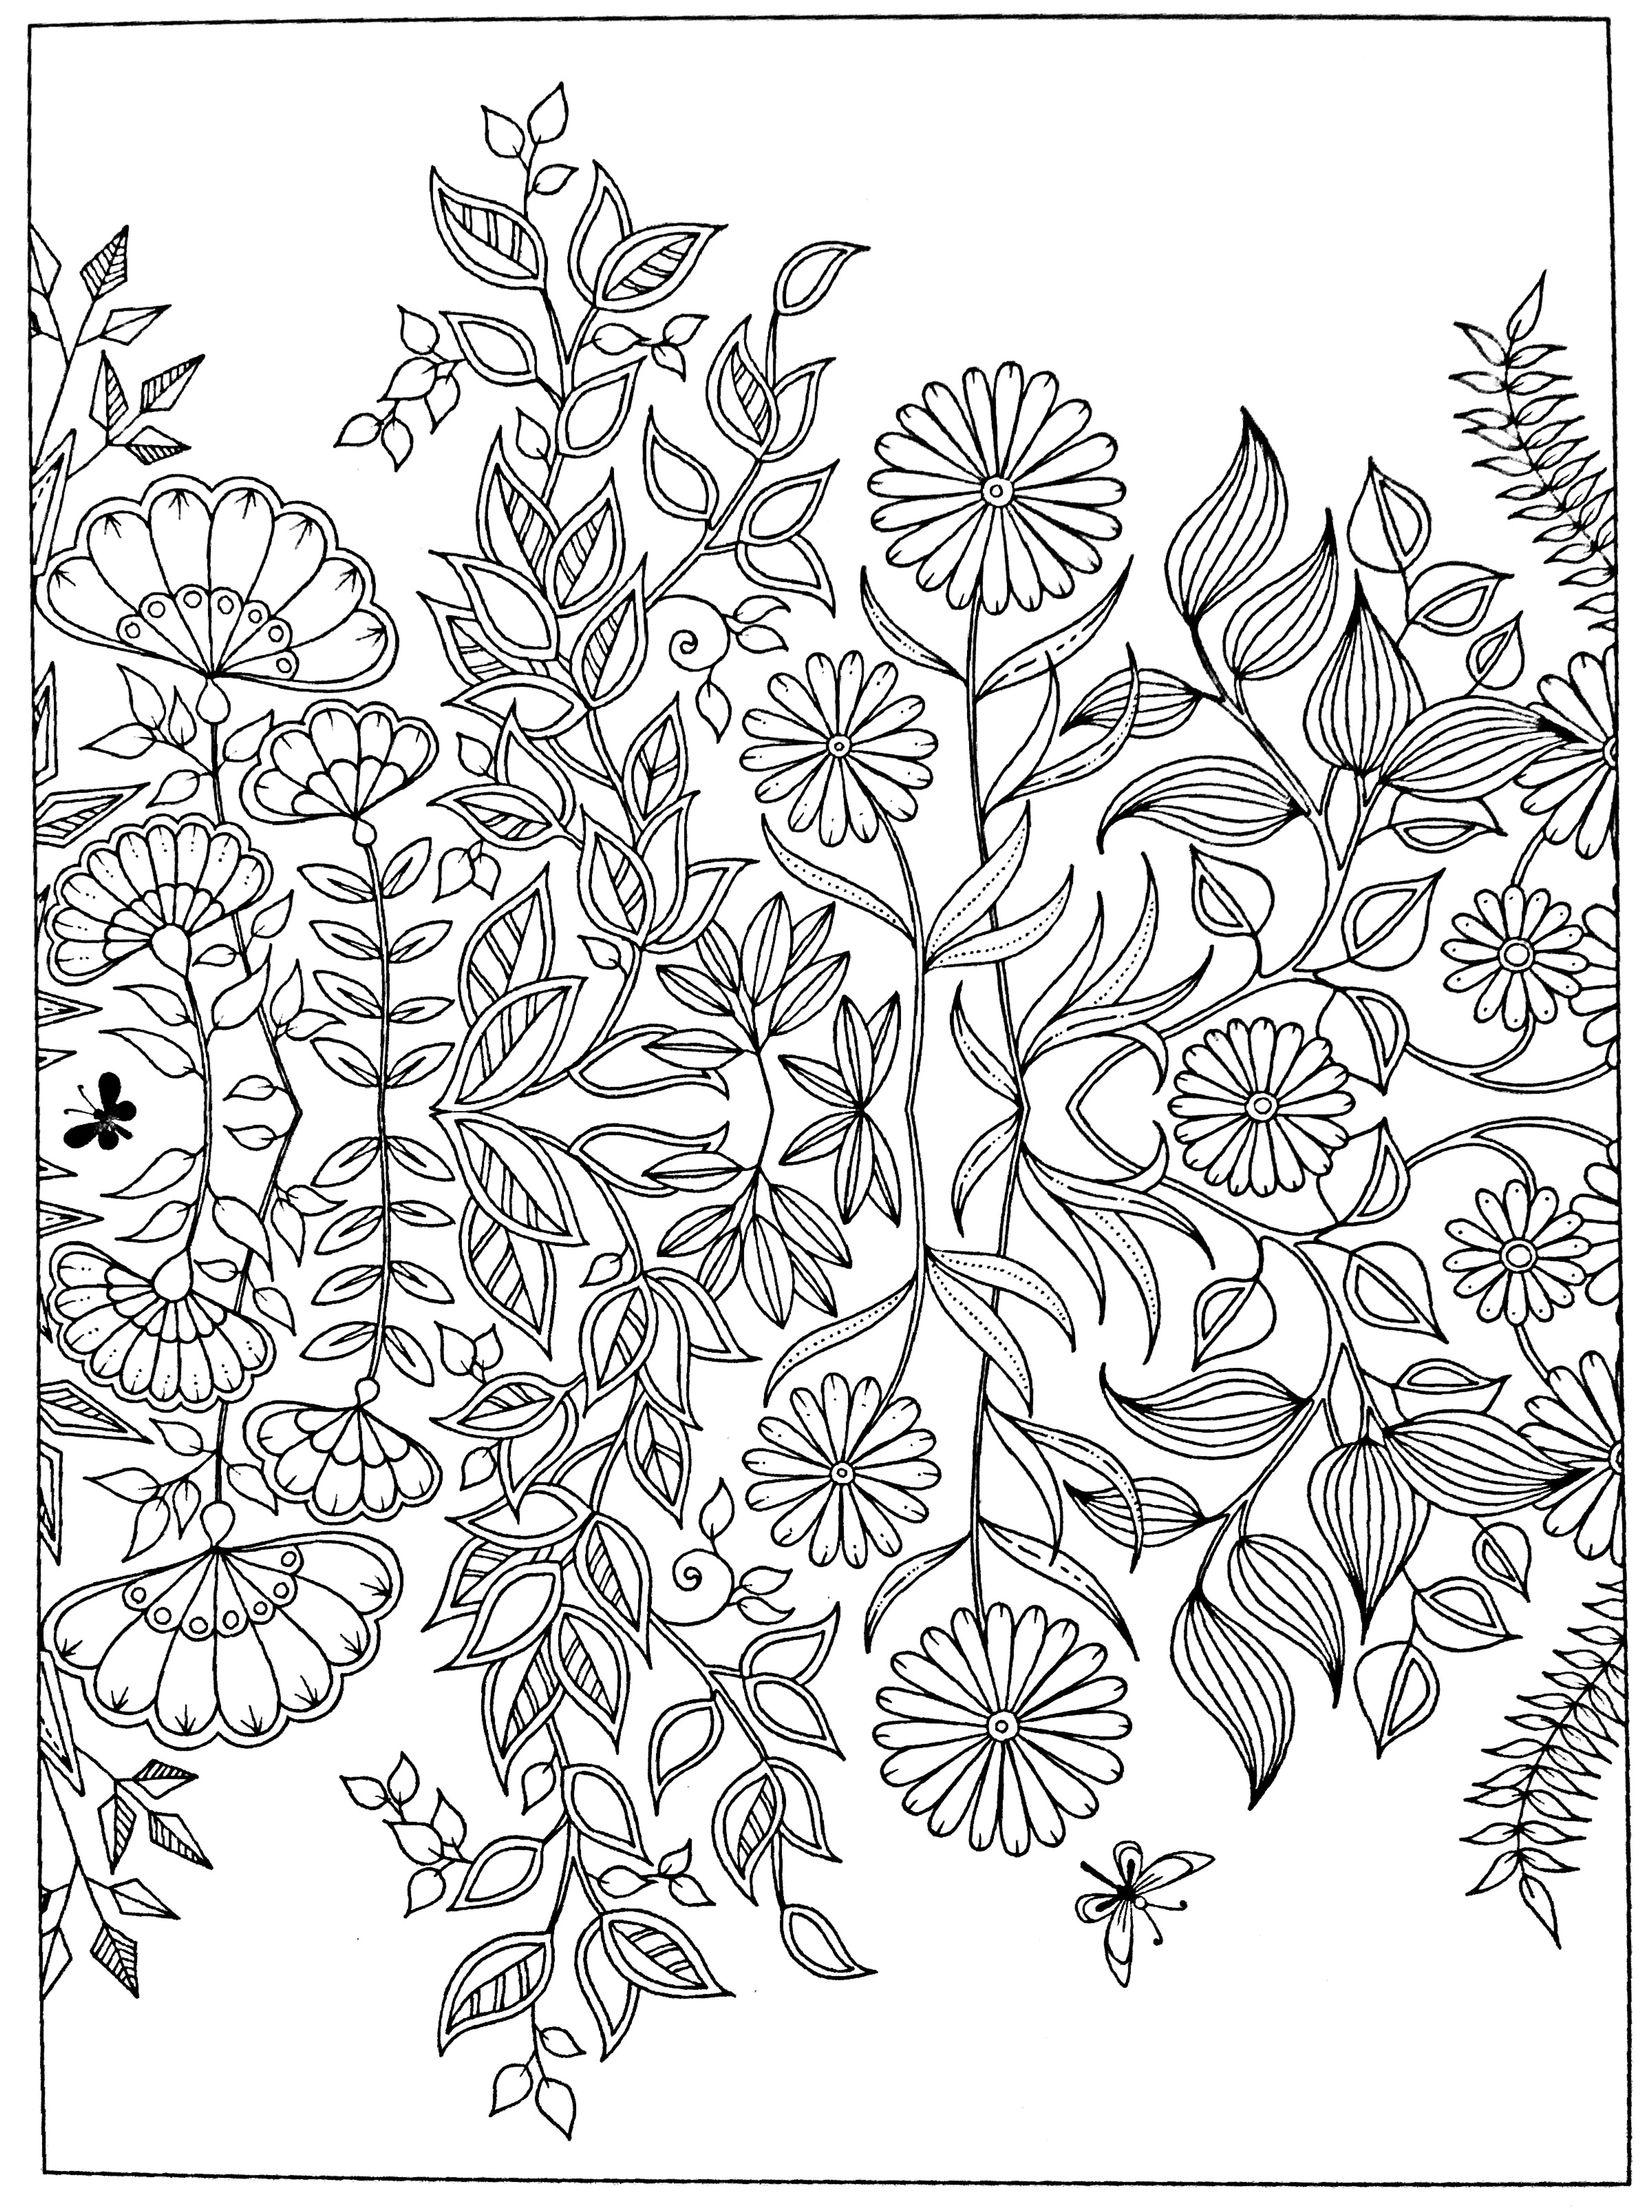 secret garden coloring page - Secret Garden Coloring Pages